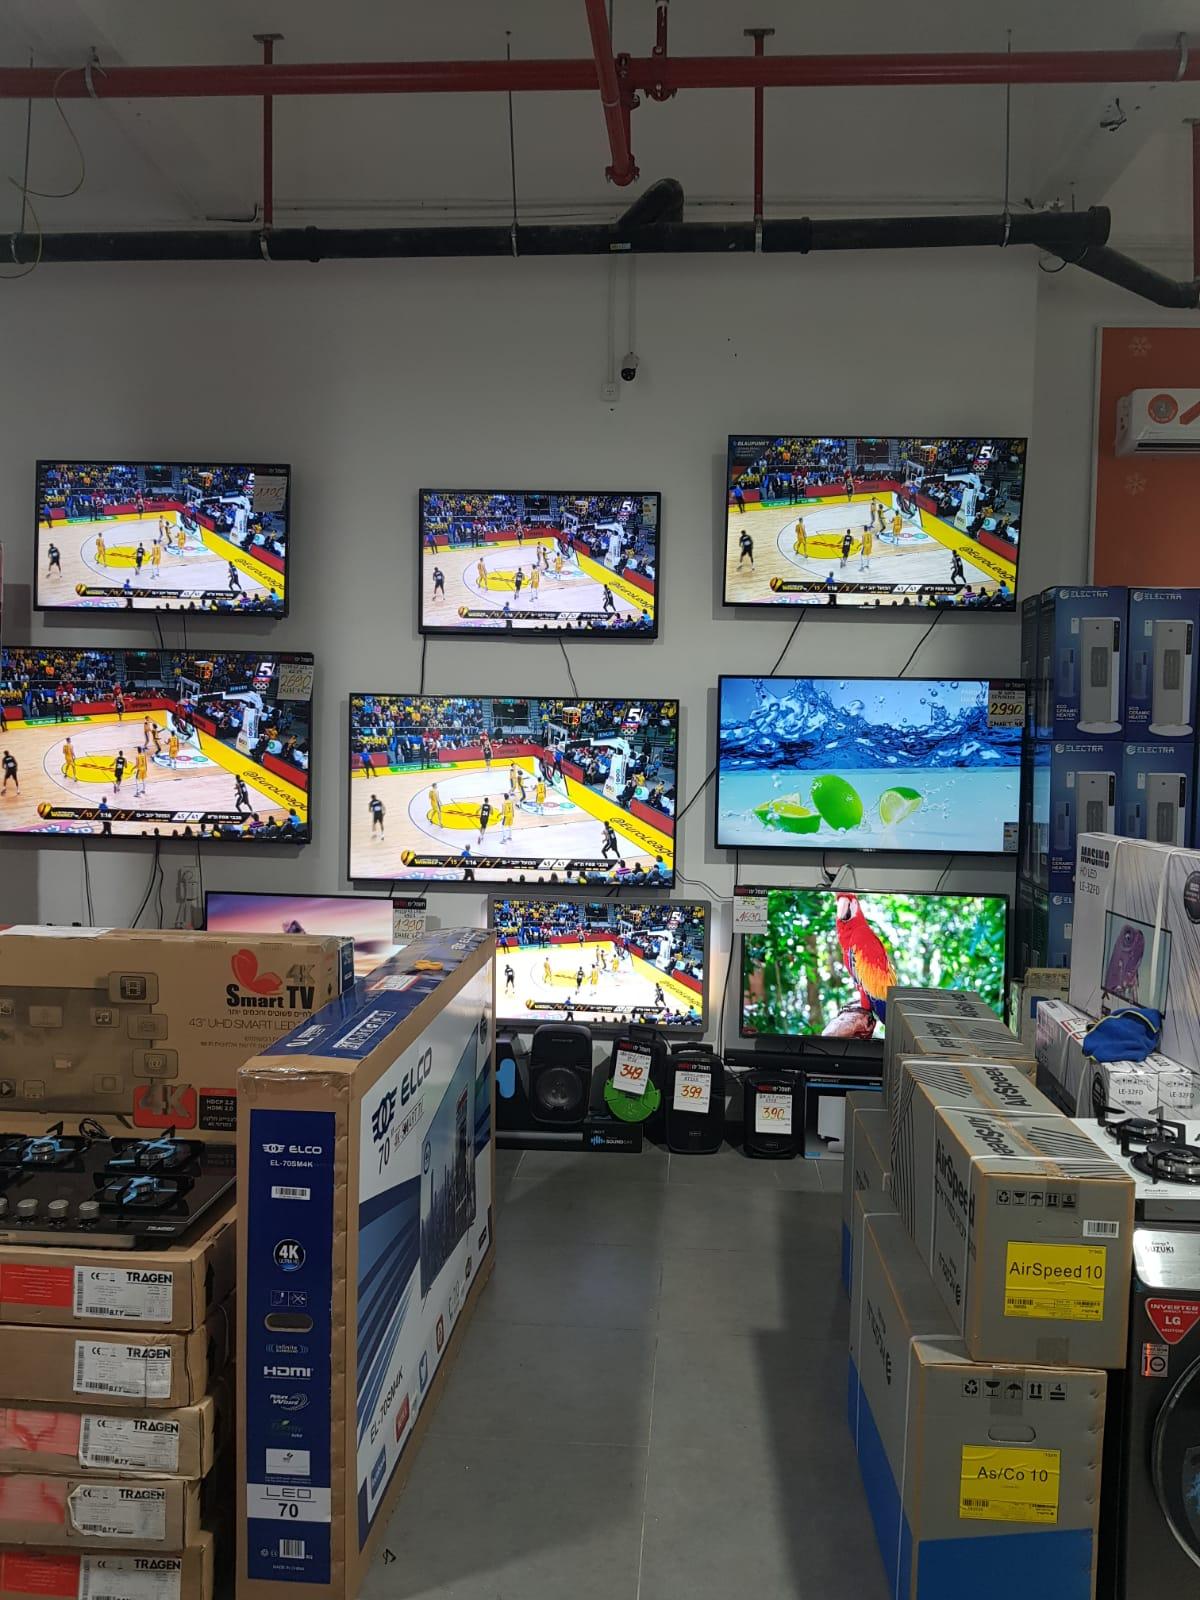 حتى نهاية الشهر - حملة تخفيضات في أكبر صالة عرض للأجهزة الكهربائية Outlet بيافا